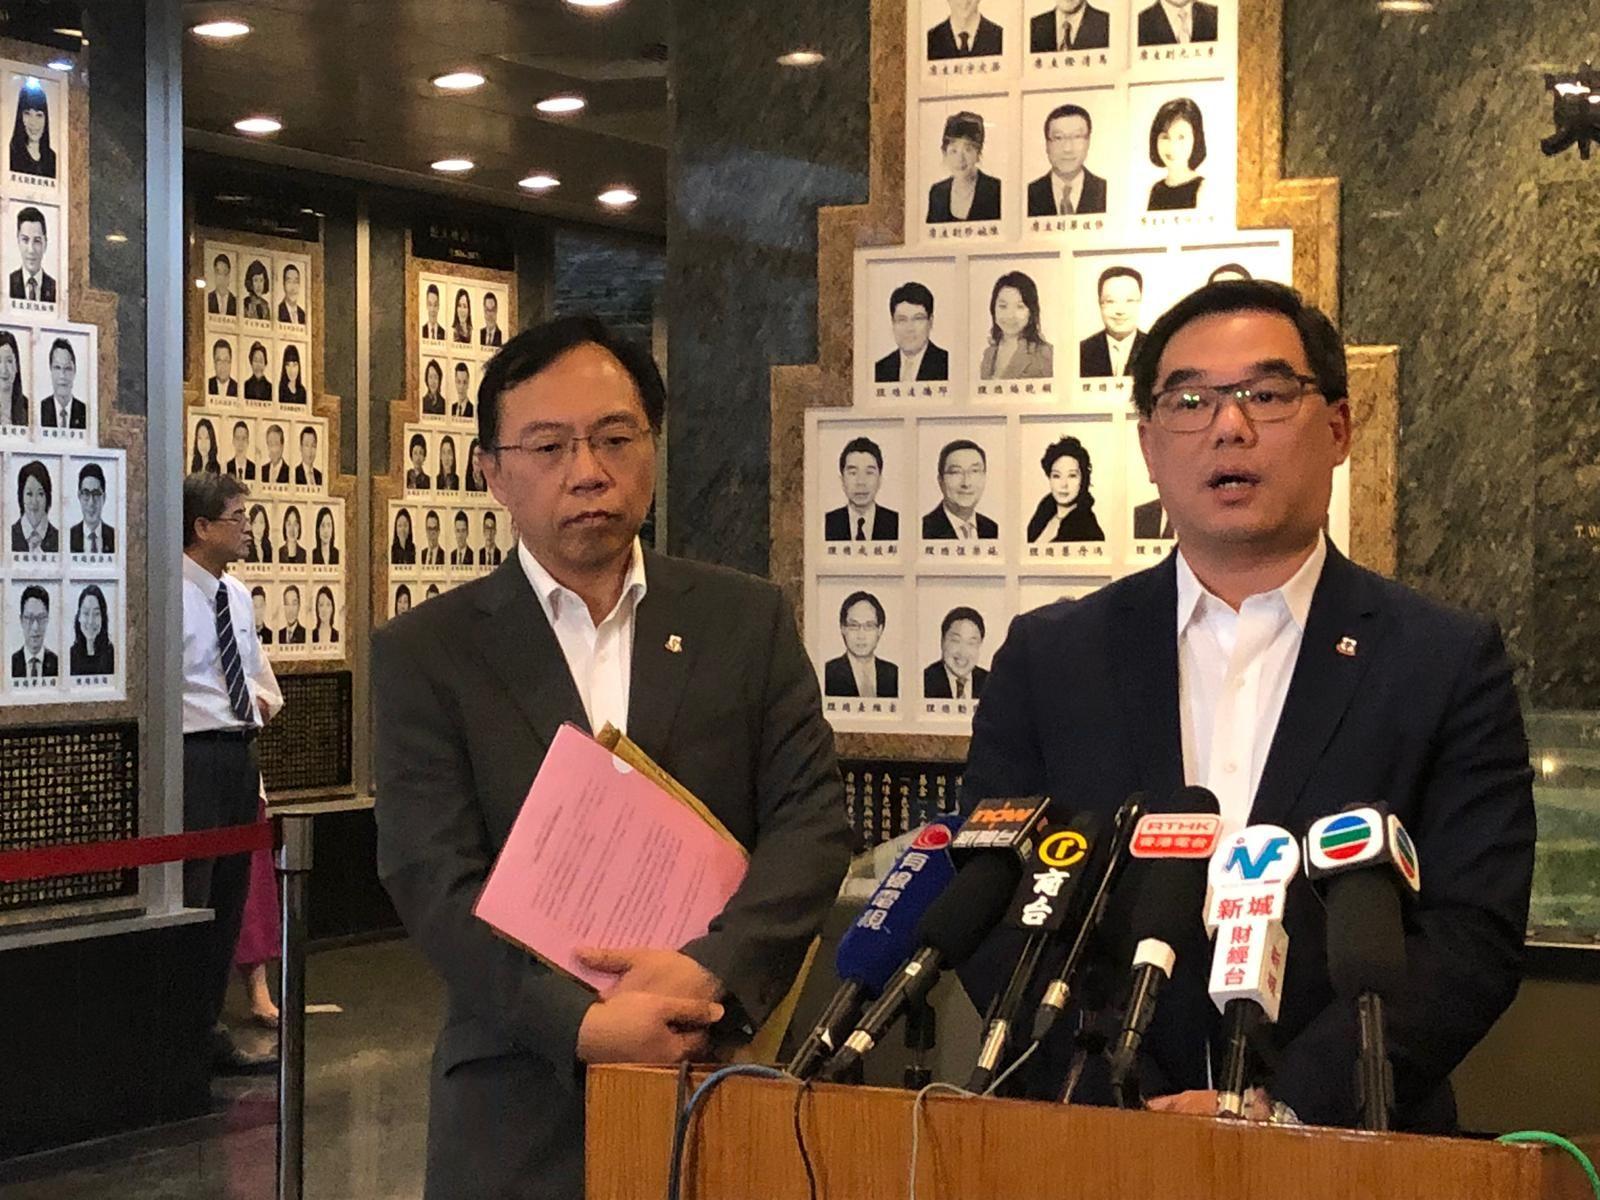 東華三院執行總監蘇祐安(右)交代李東海事件獨立調查委員會的報告。